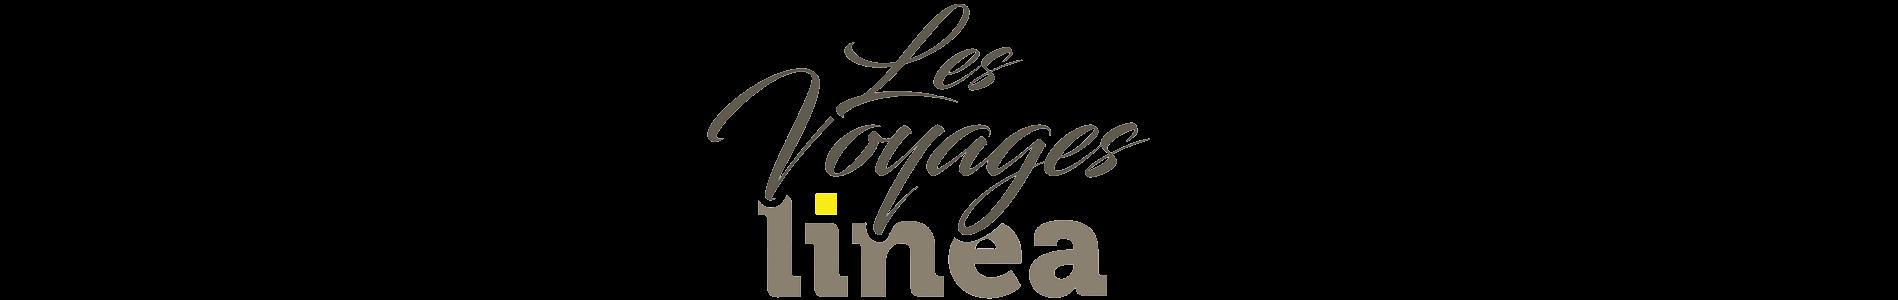 Les Voyages Linea